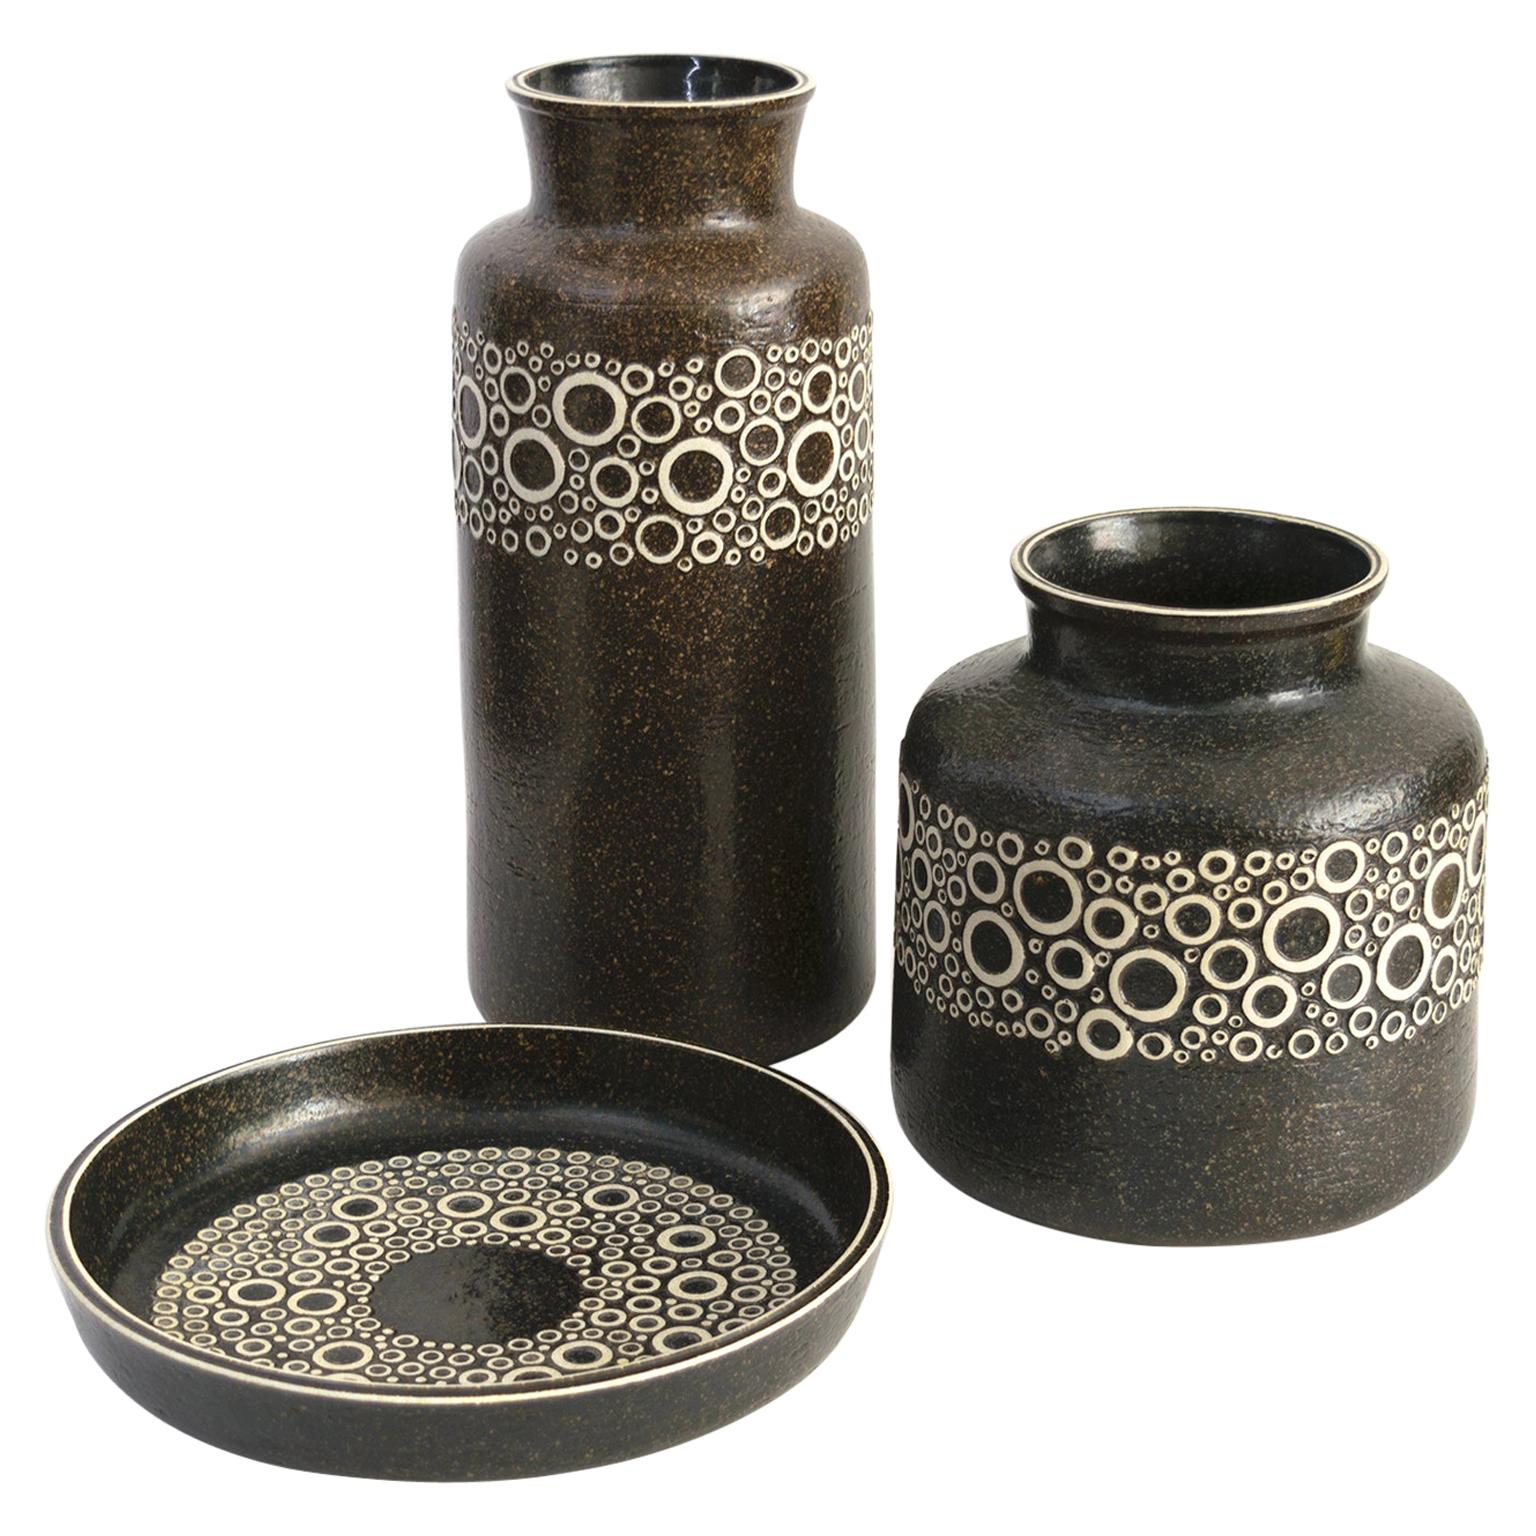 Scandinavian Modern Britt-Louise Sundell, Vases and Dish for Gustavsberg, Sweden